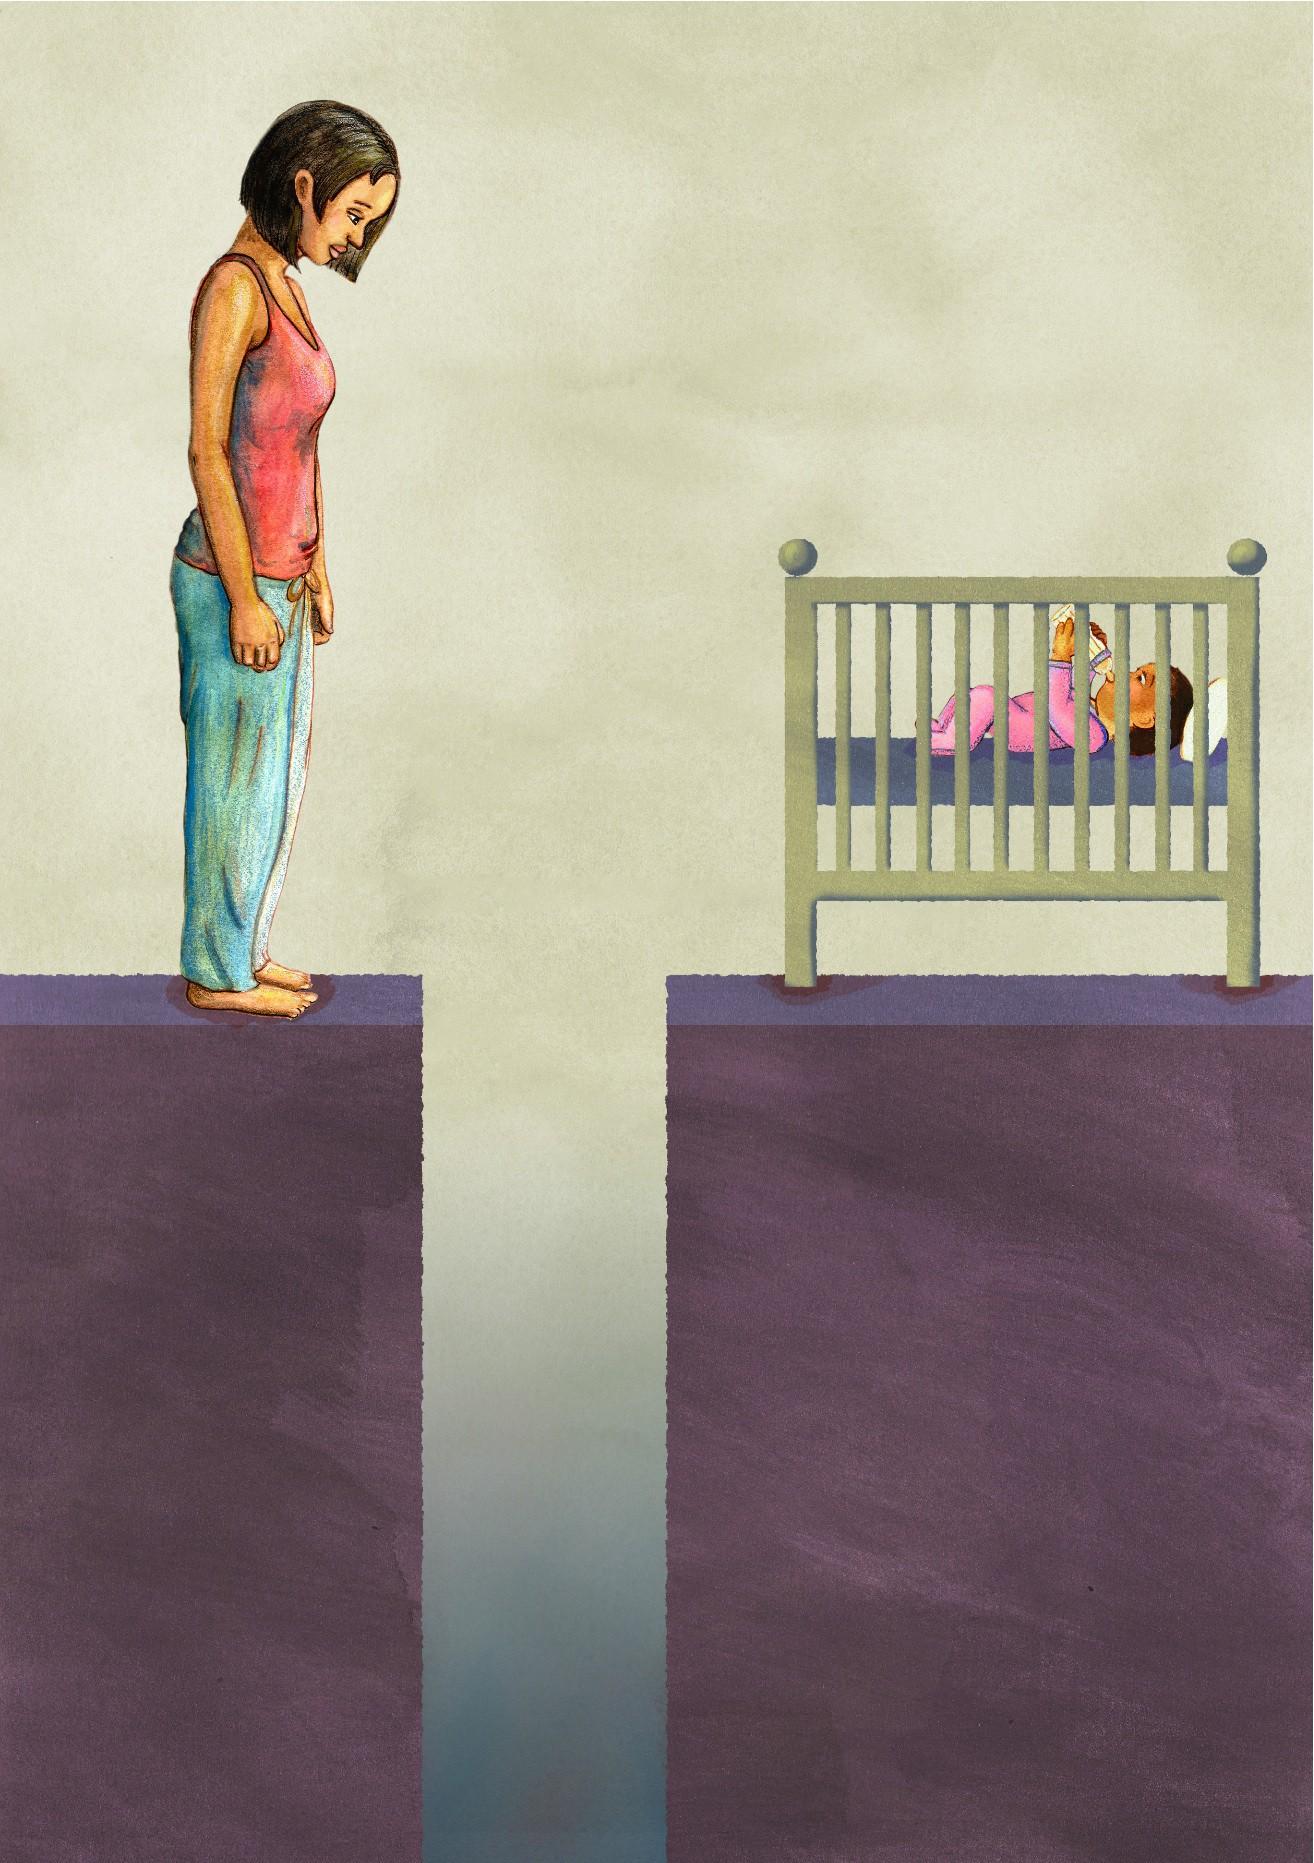 Vụ mẹ thắt cổ con và cháu nhỏ ở Hà Nội: Những thảm kịch đau lòng vì chứng trầm cảm của người mẹ gây nên cái chết của trẻ thơ - Ảnh 3.